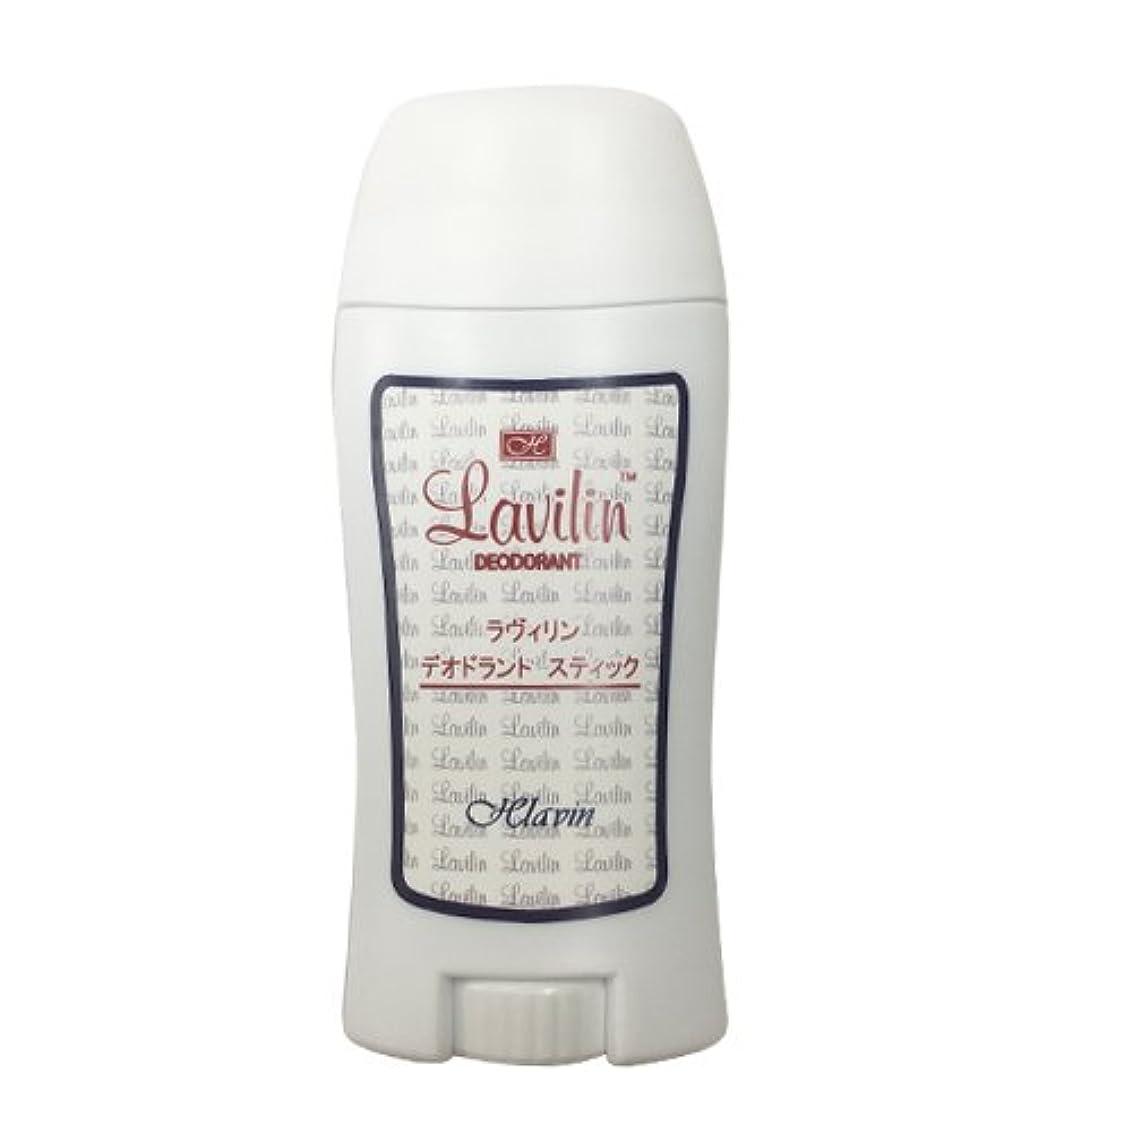 パノラマ日常的に用心するラヴィリン デオドラント スティック (Lavilin deodorant stick) 60ml